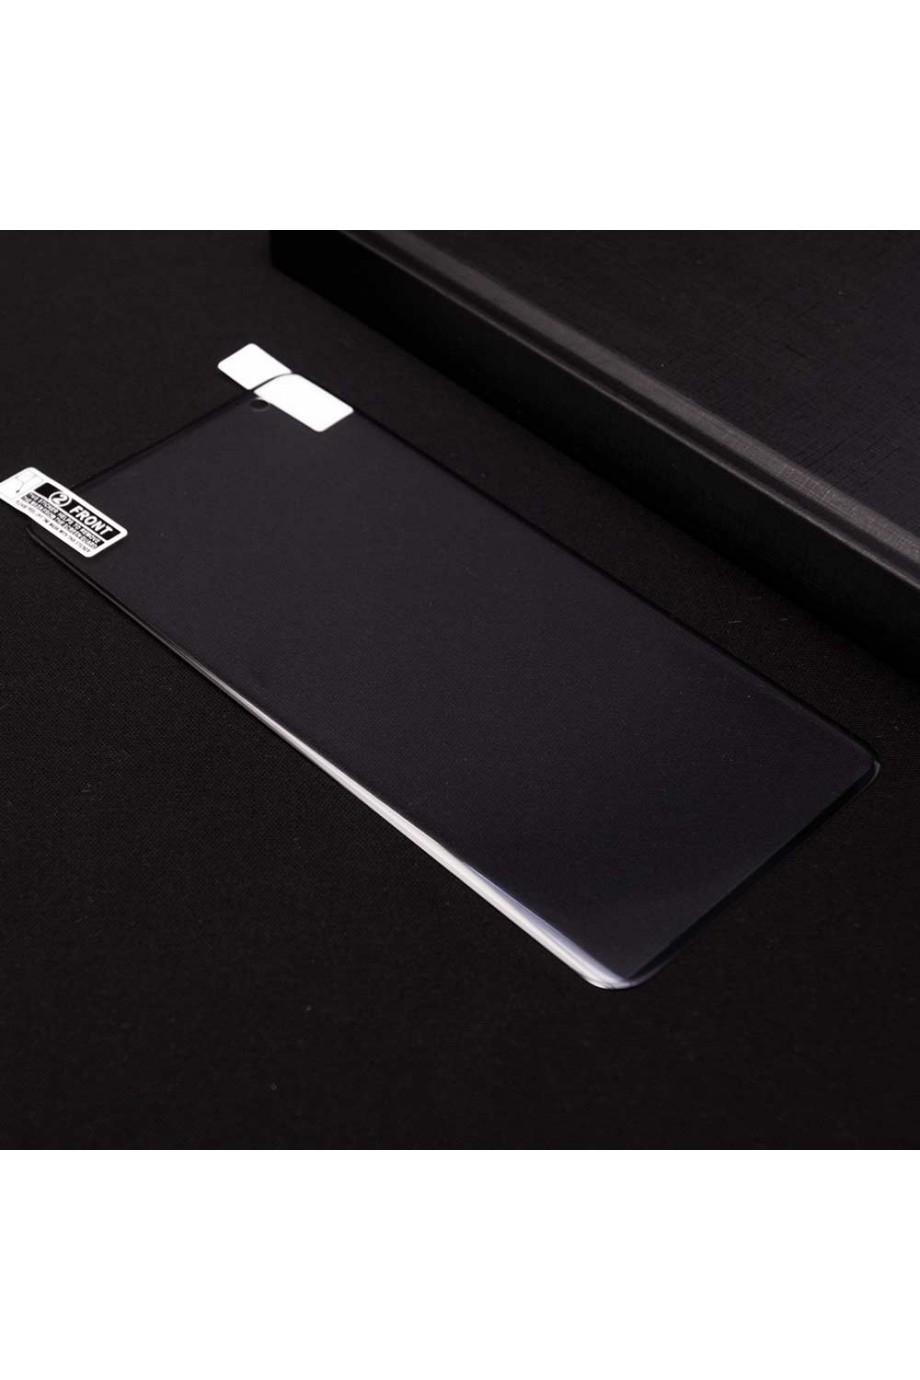 Защитная пленка 3D Mikomo для Samsung Galaxy S10 Plus, черная рамка, полный клей